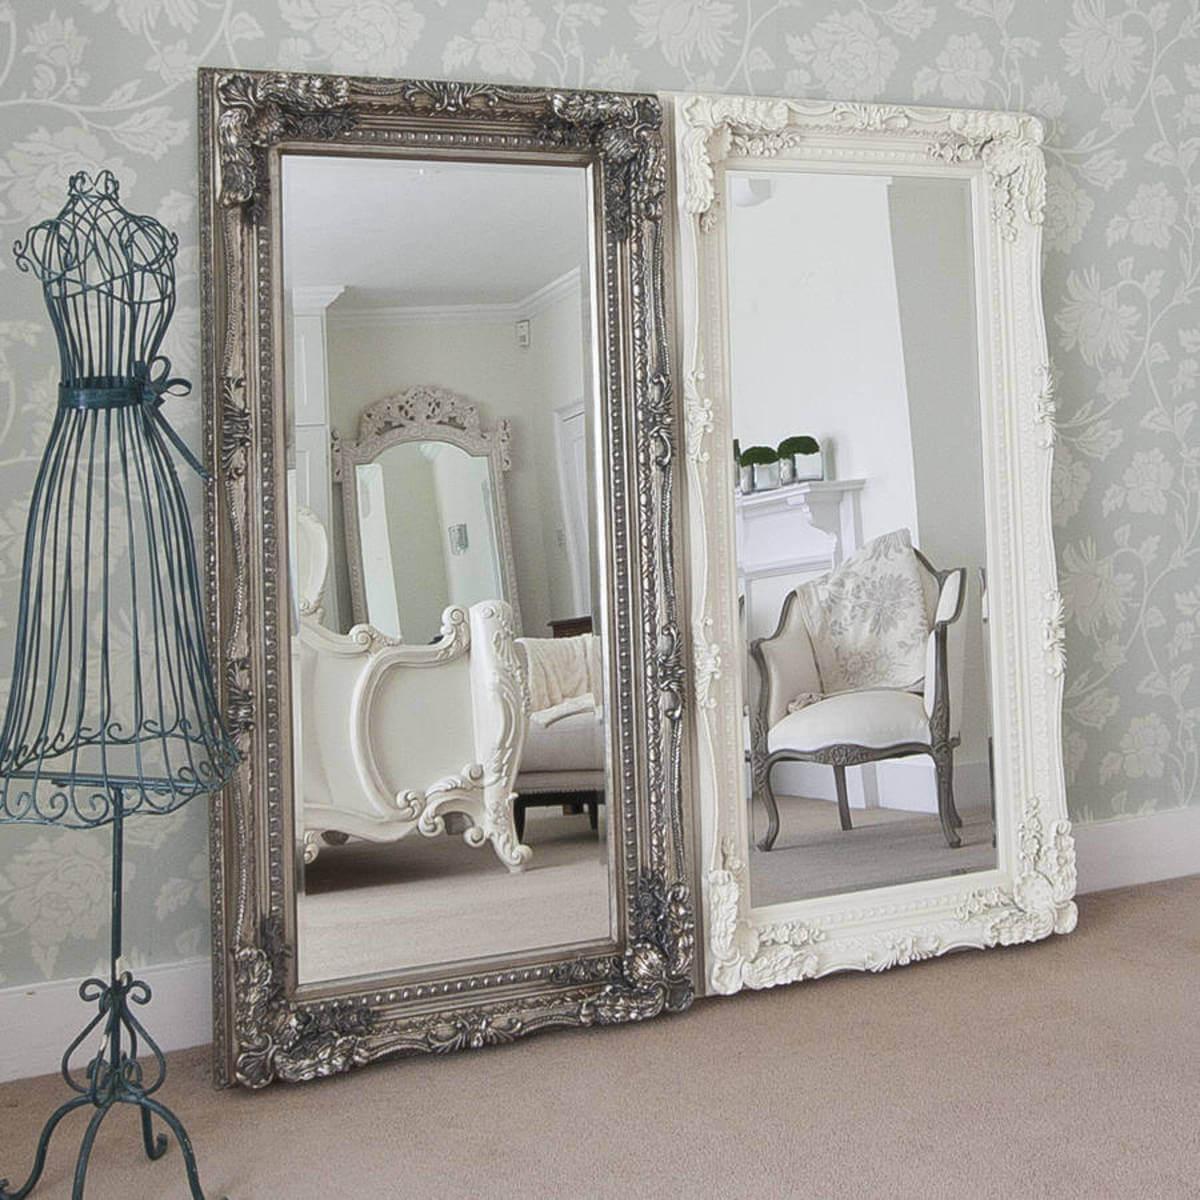 Ensemble de miroirs baroques mis à jour à travers le miroir